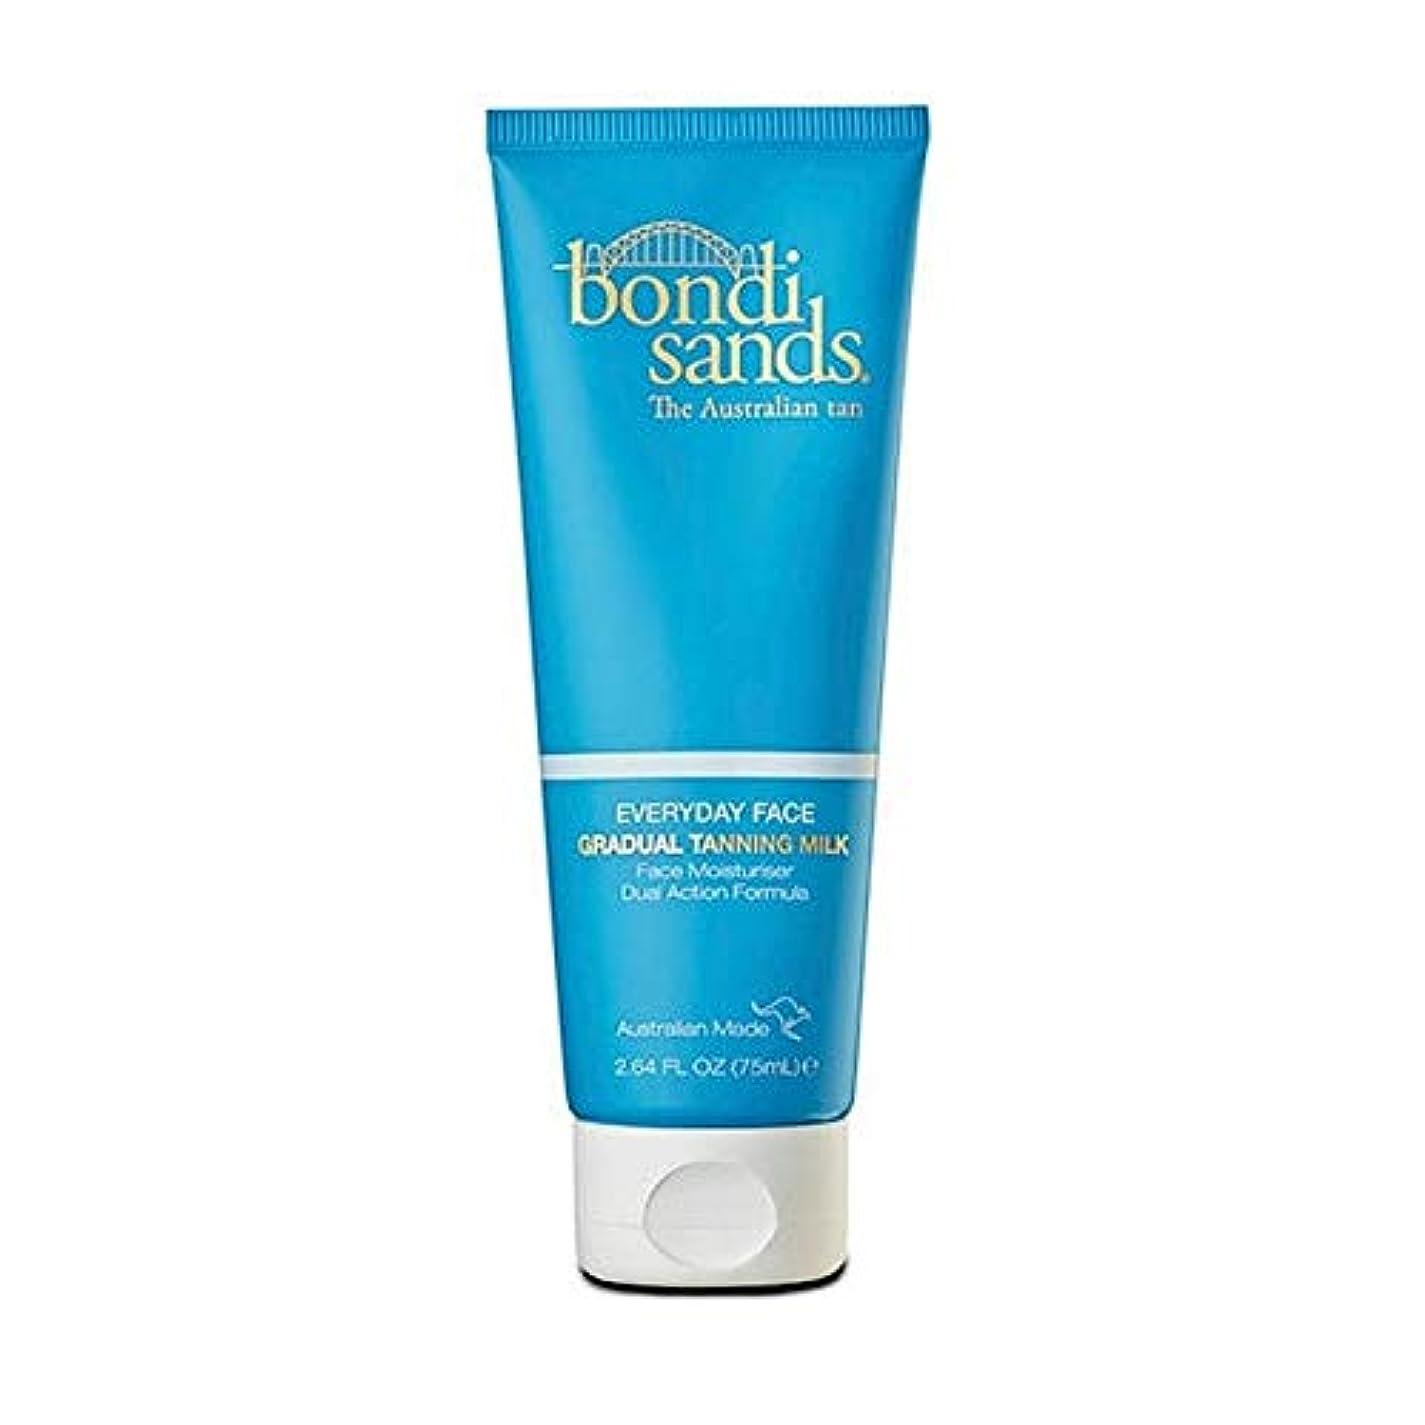 端に応じて大学生[Bondi Sands ] 日常ボンダイ砂 - 顔のための段階的な日焼けミルク - 75ミリリットル - Bondi Sands Everyday - Gradual Tanning Milk for Face - 75ml...